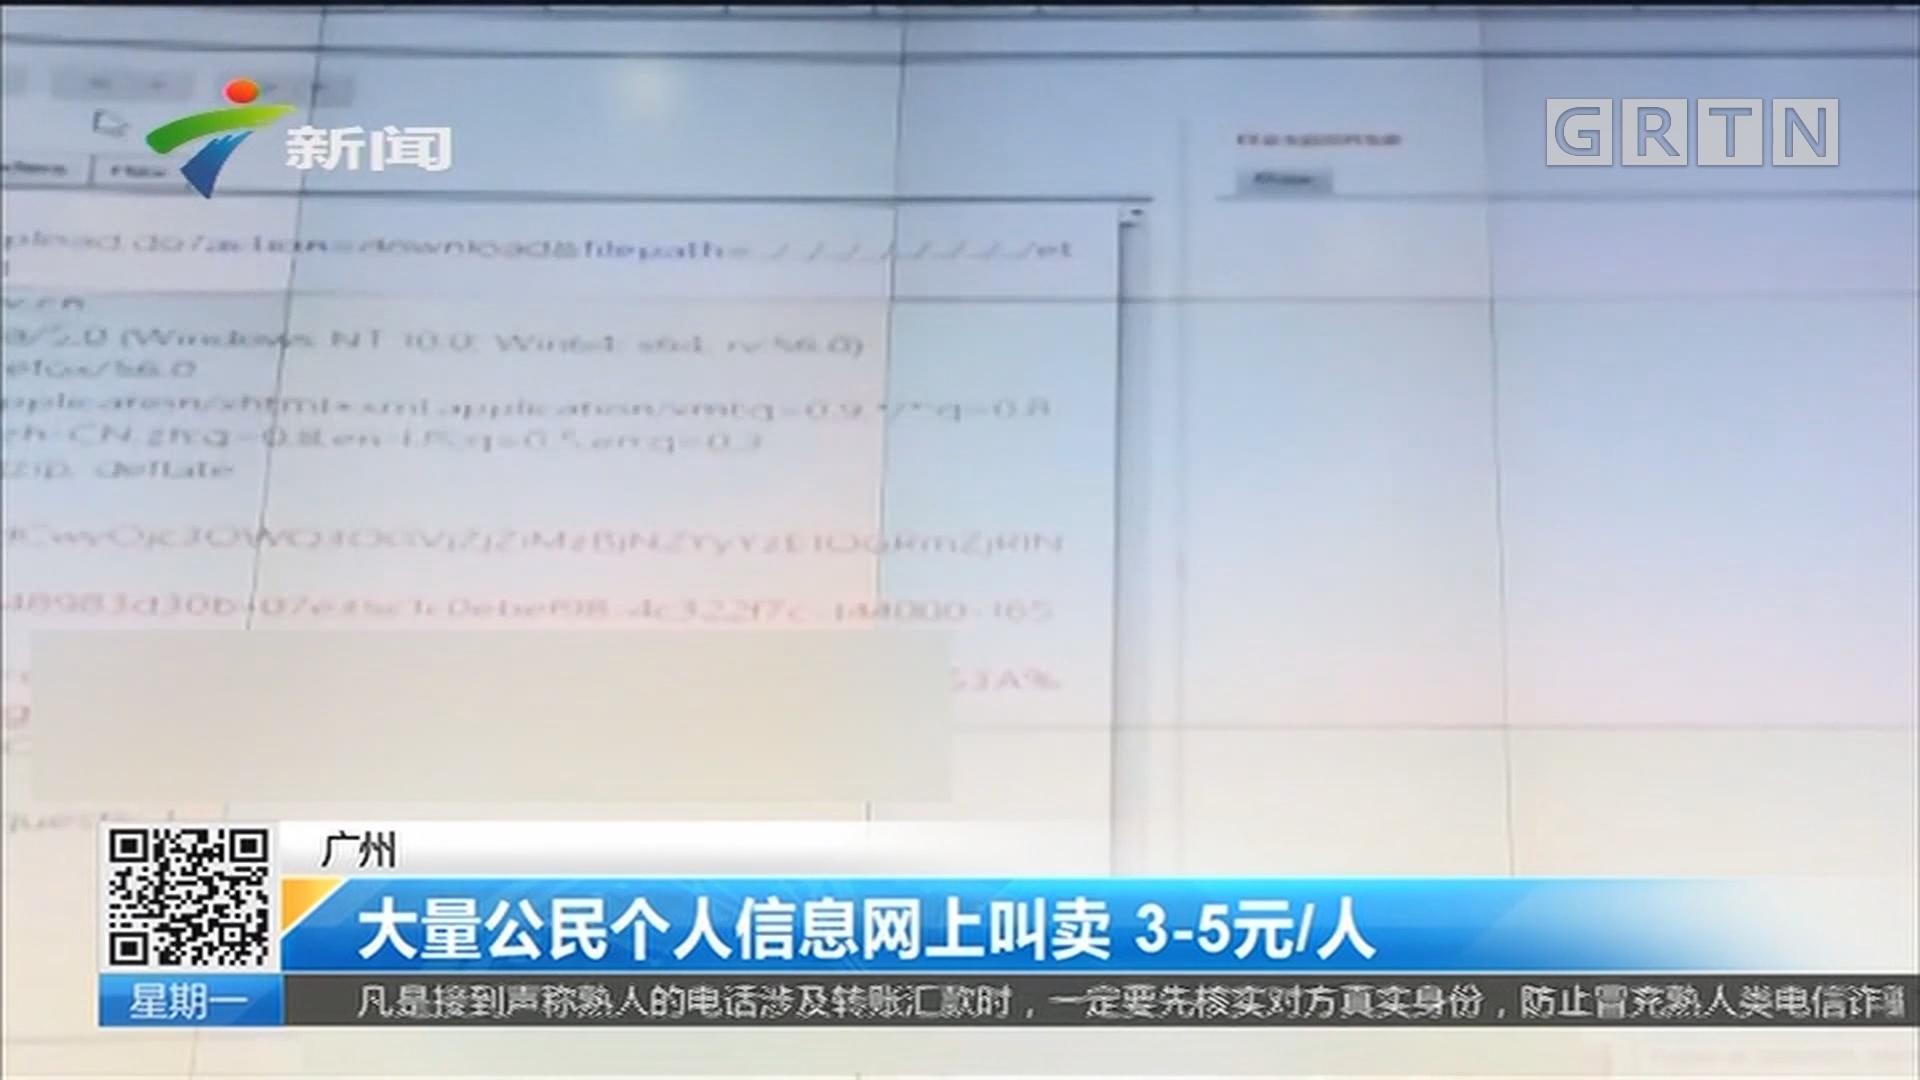 广州 大量公民个人信息网上叫卖 3-5元/人